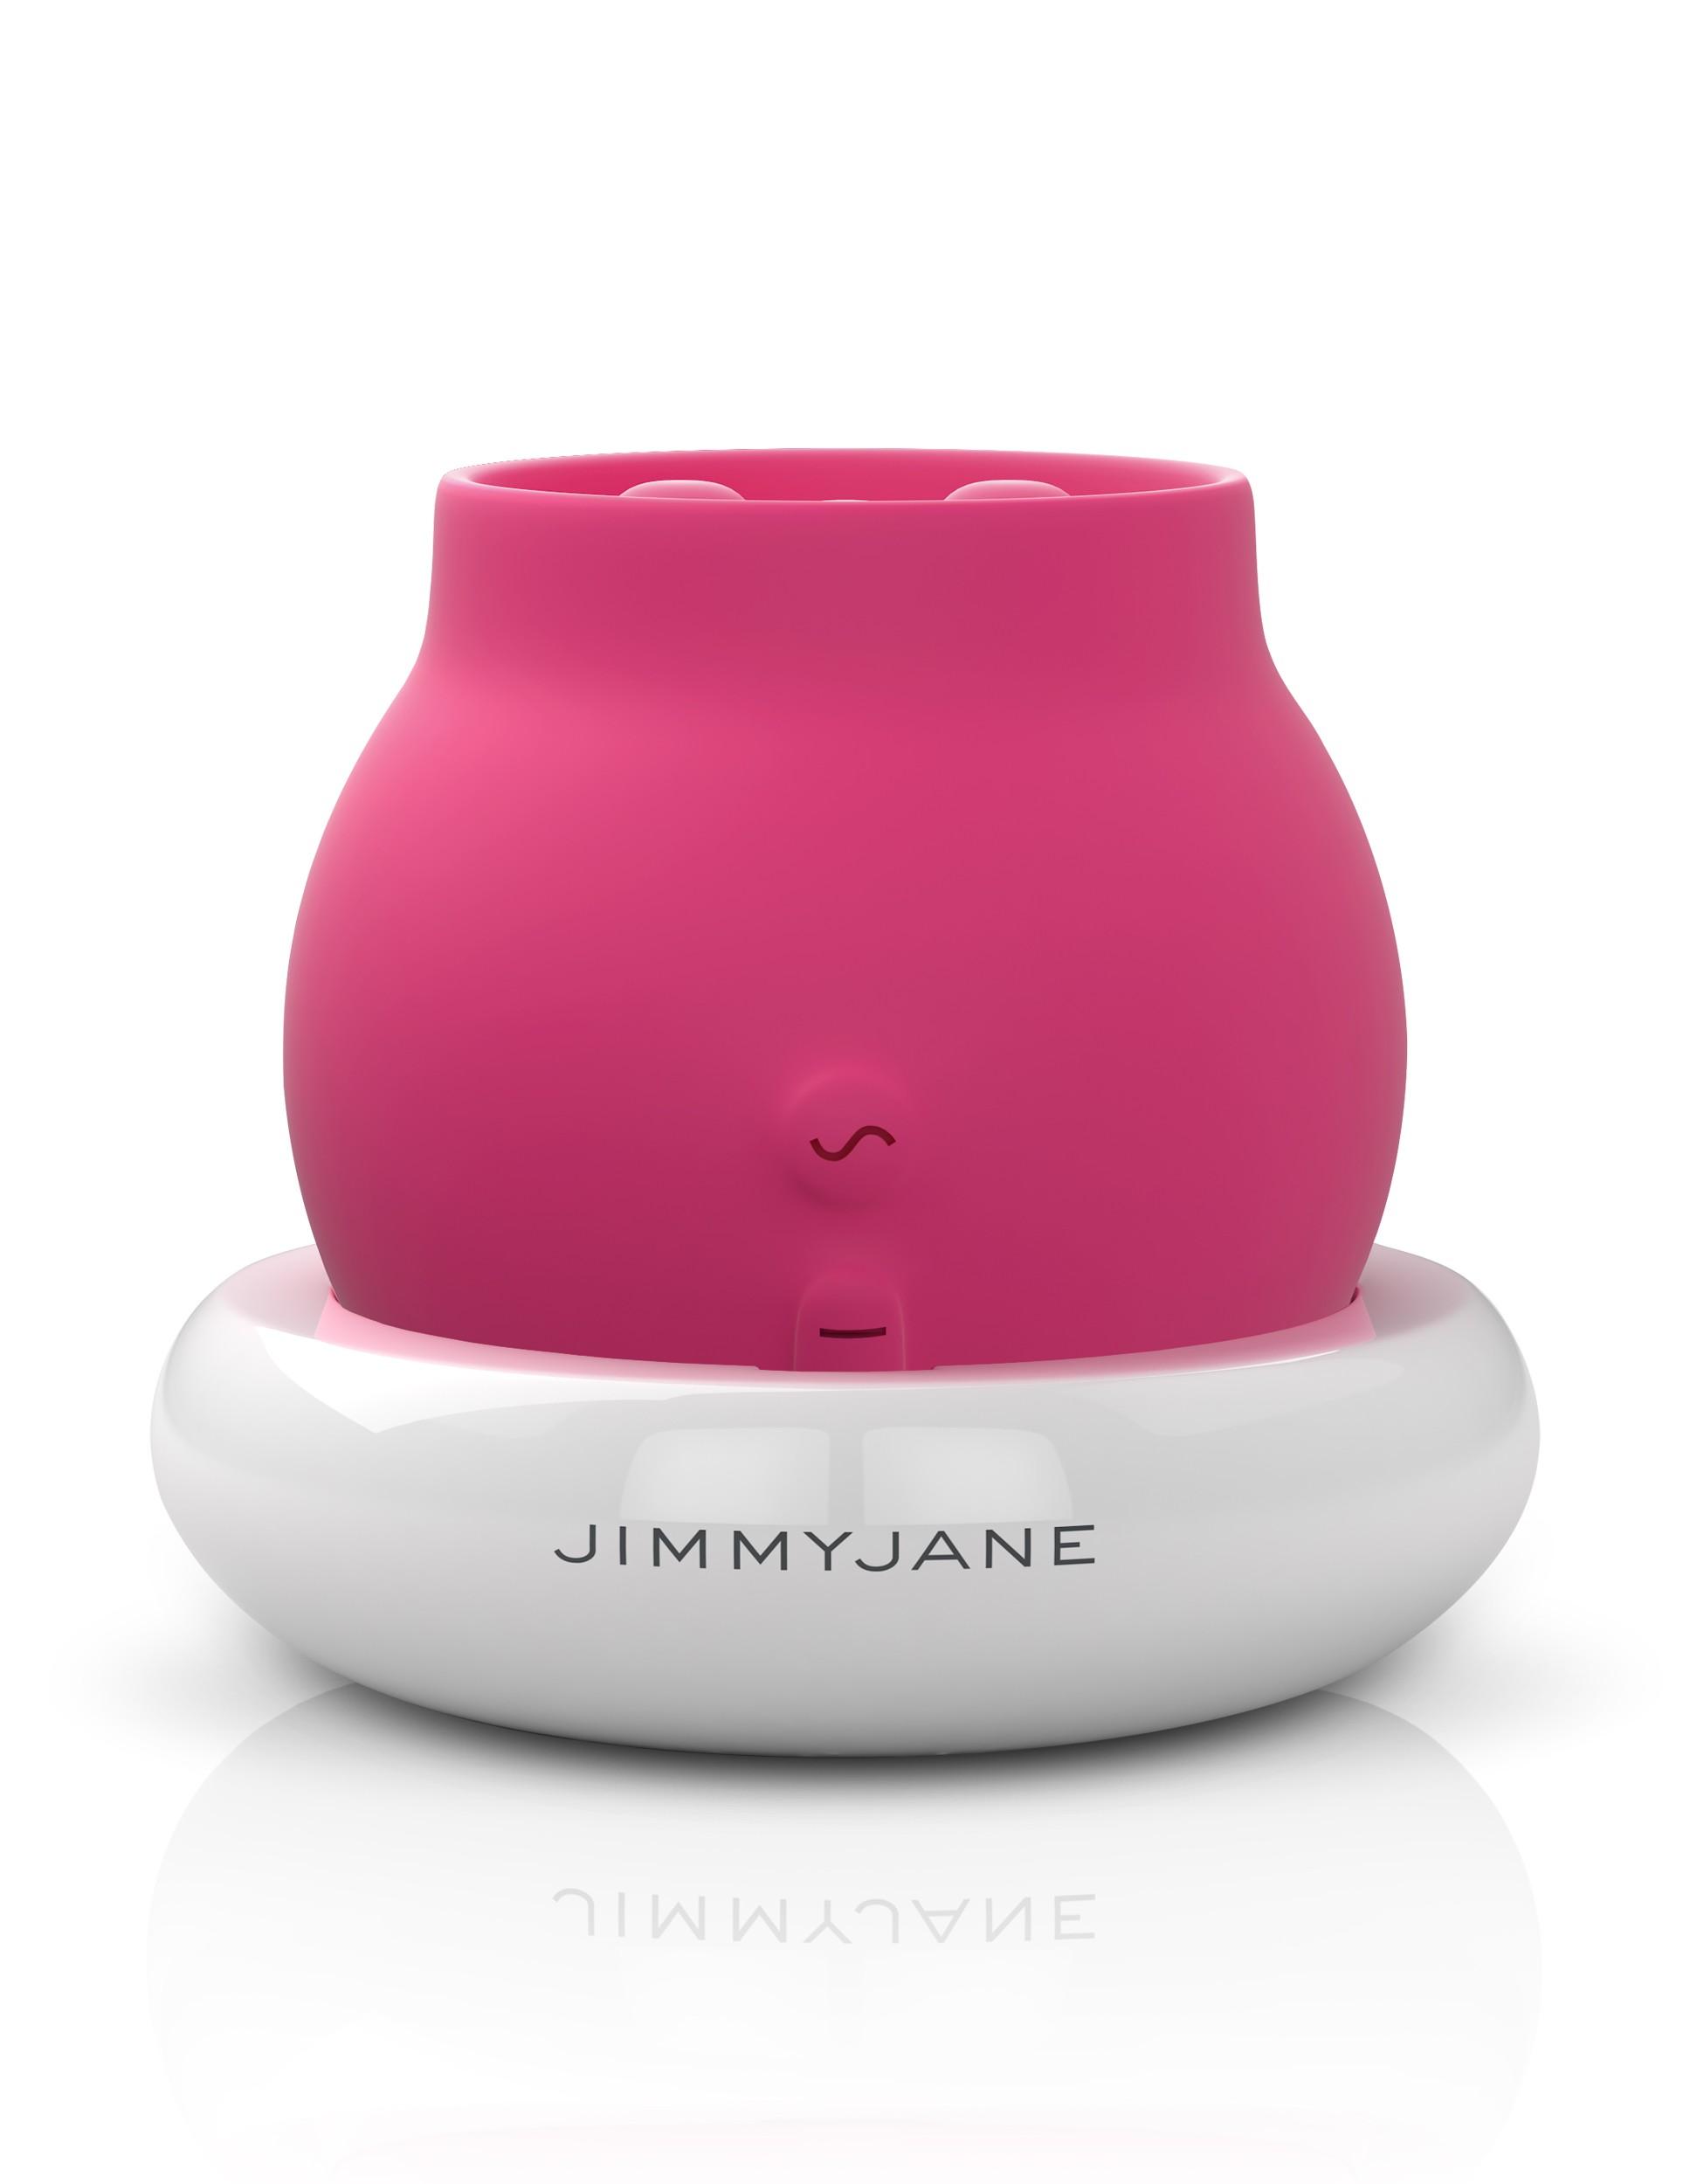 Jimmyjane Love Pods HALO